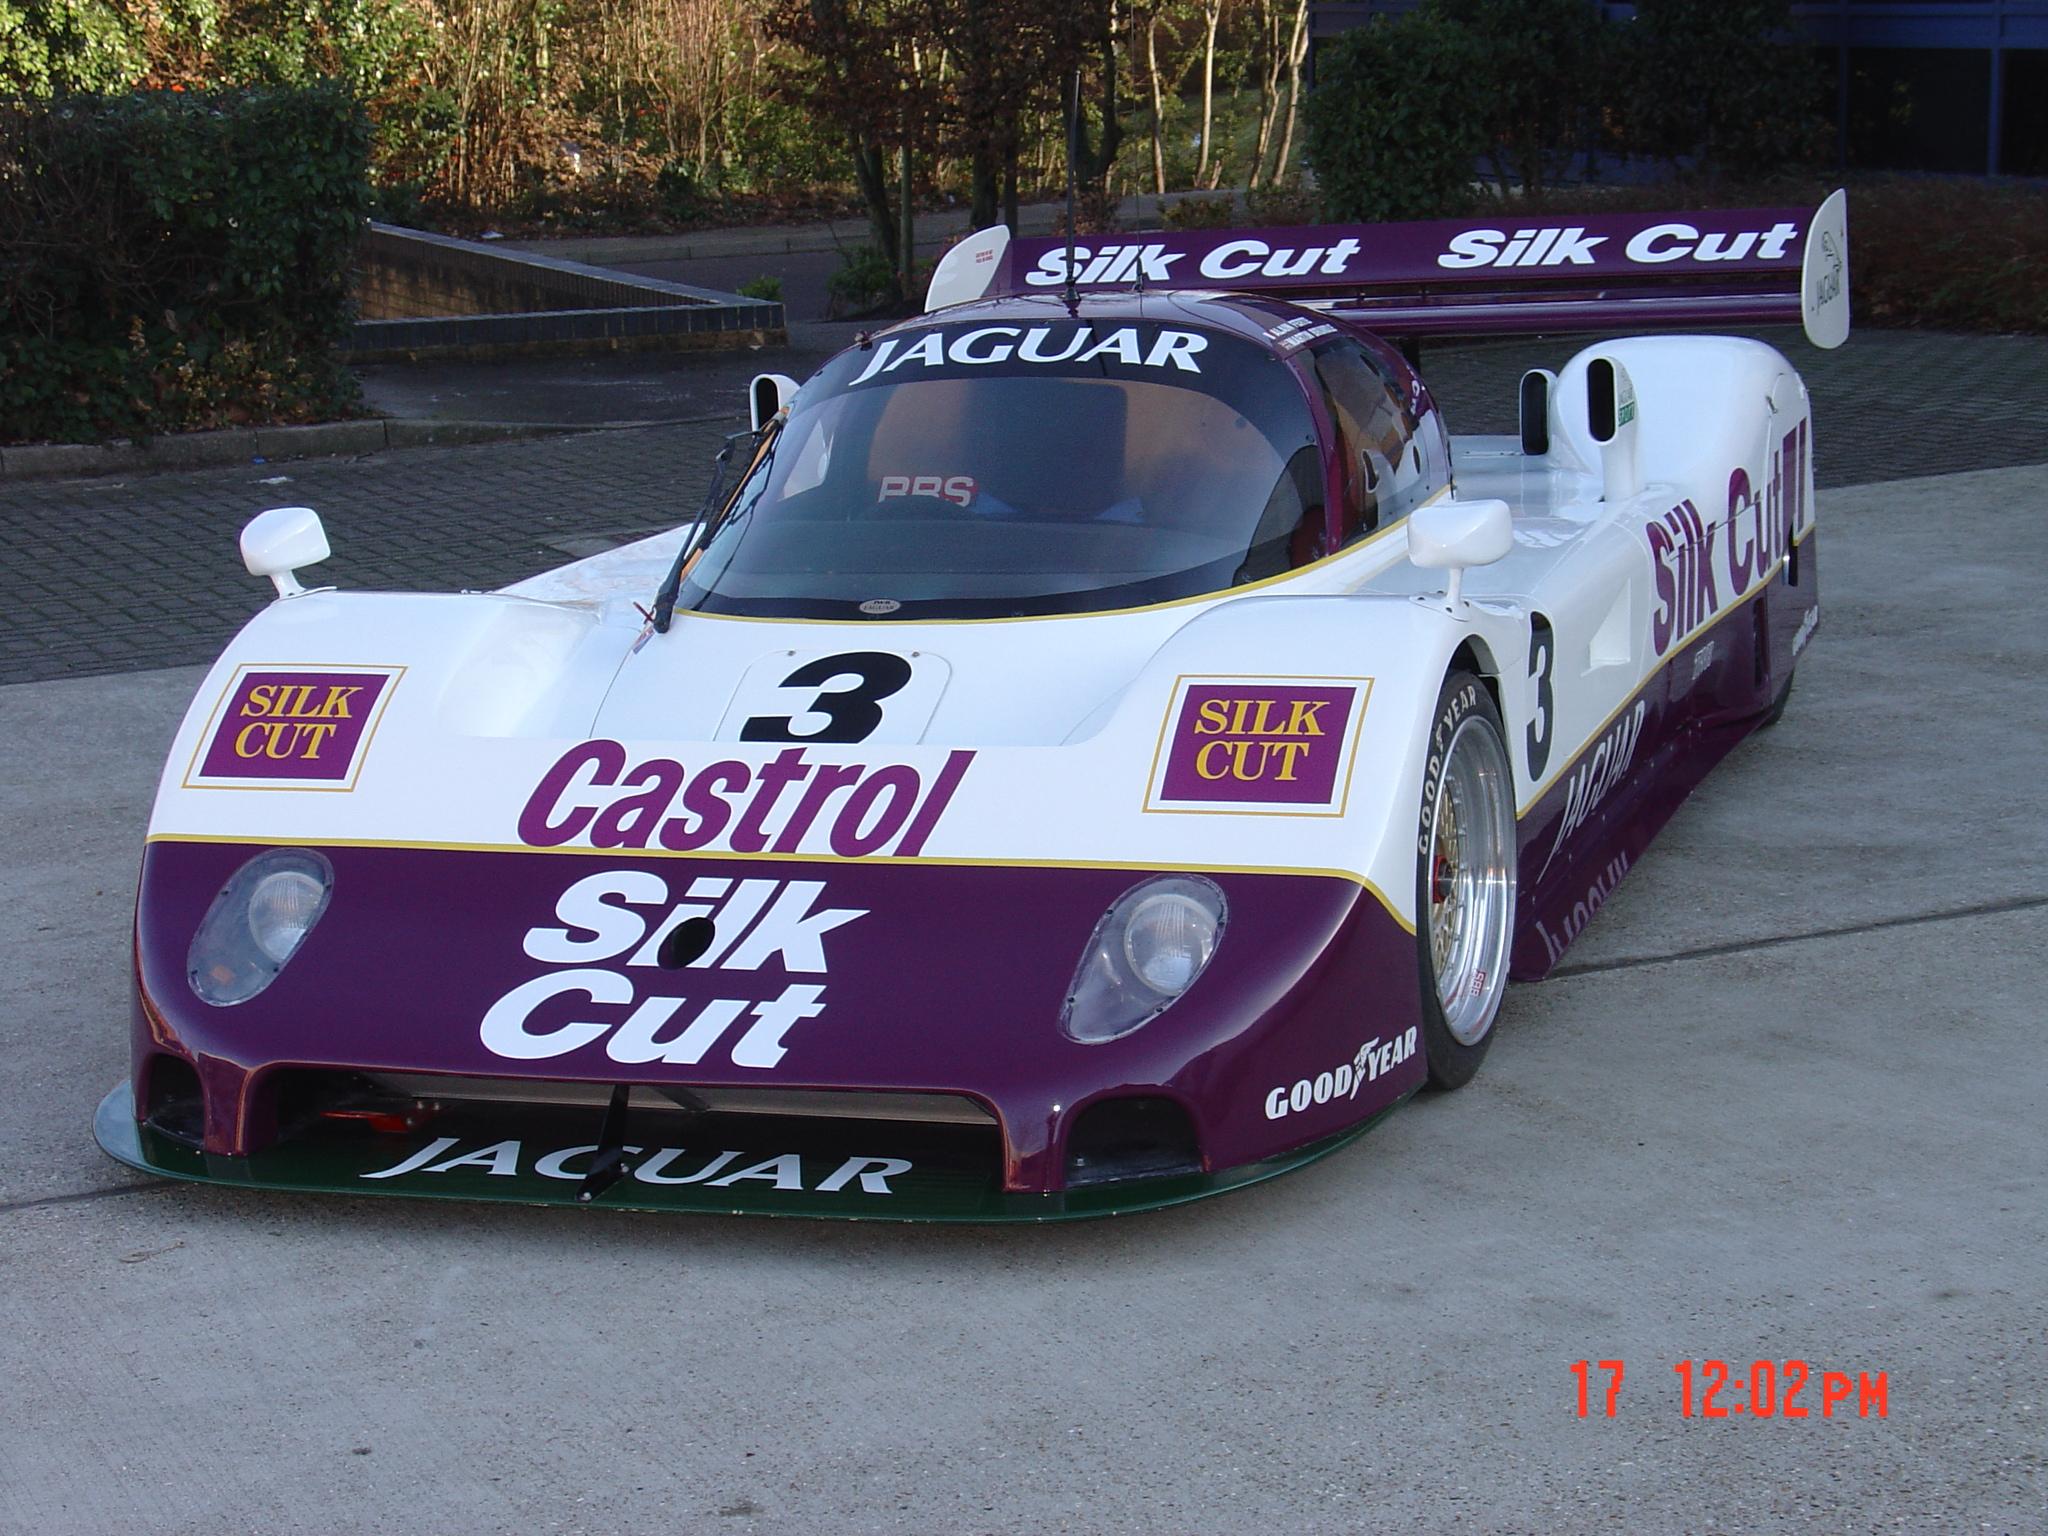 xjr 11 silk cut jaguar group c show car now sold - group 6 sports cars